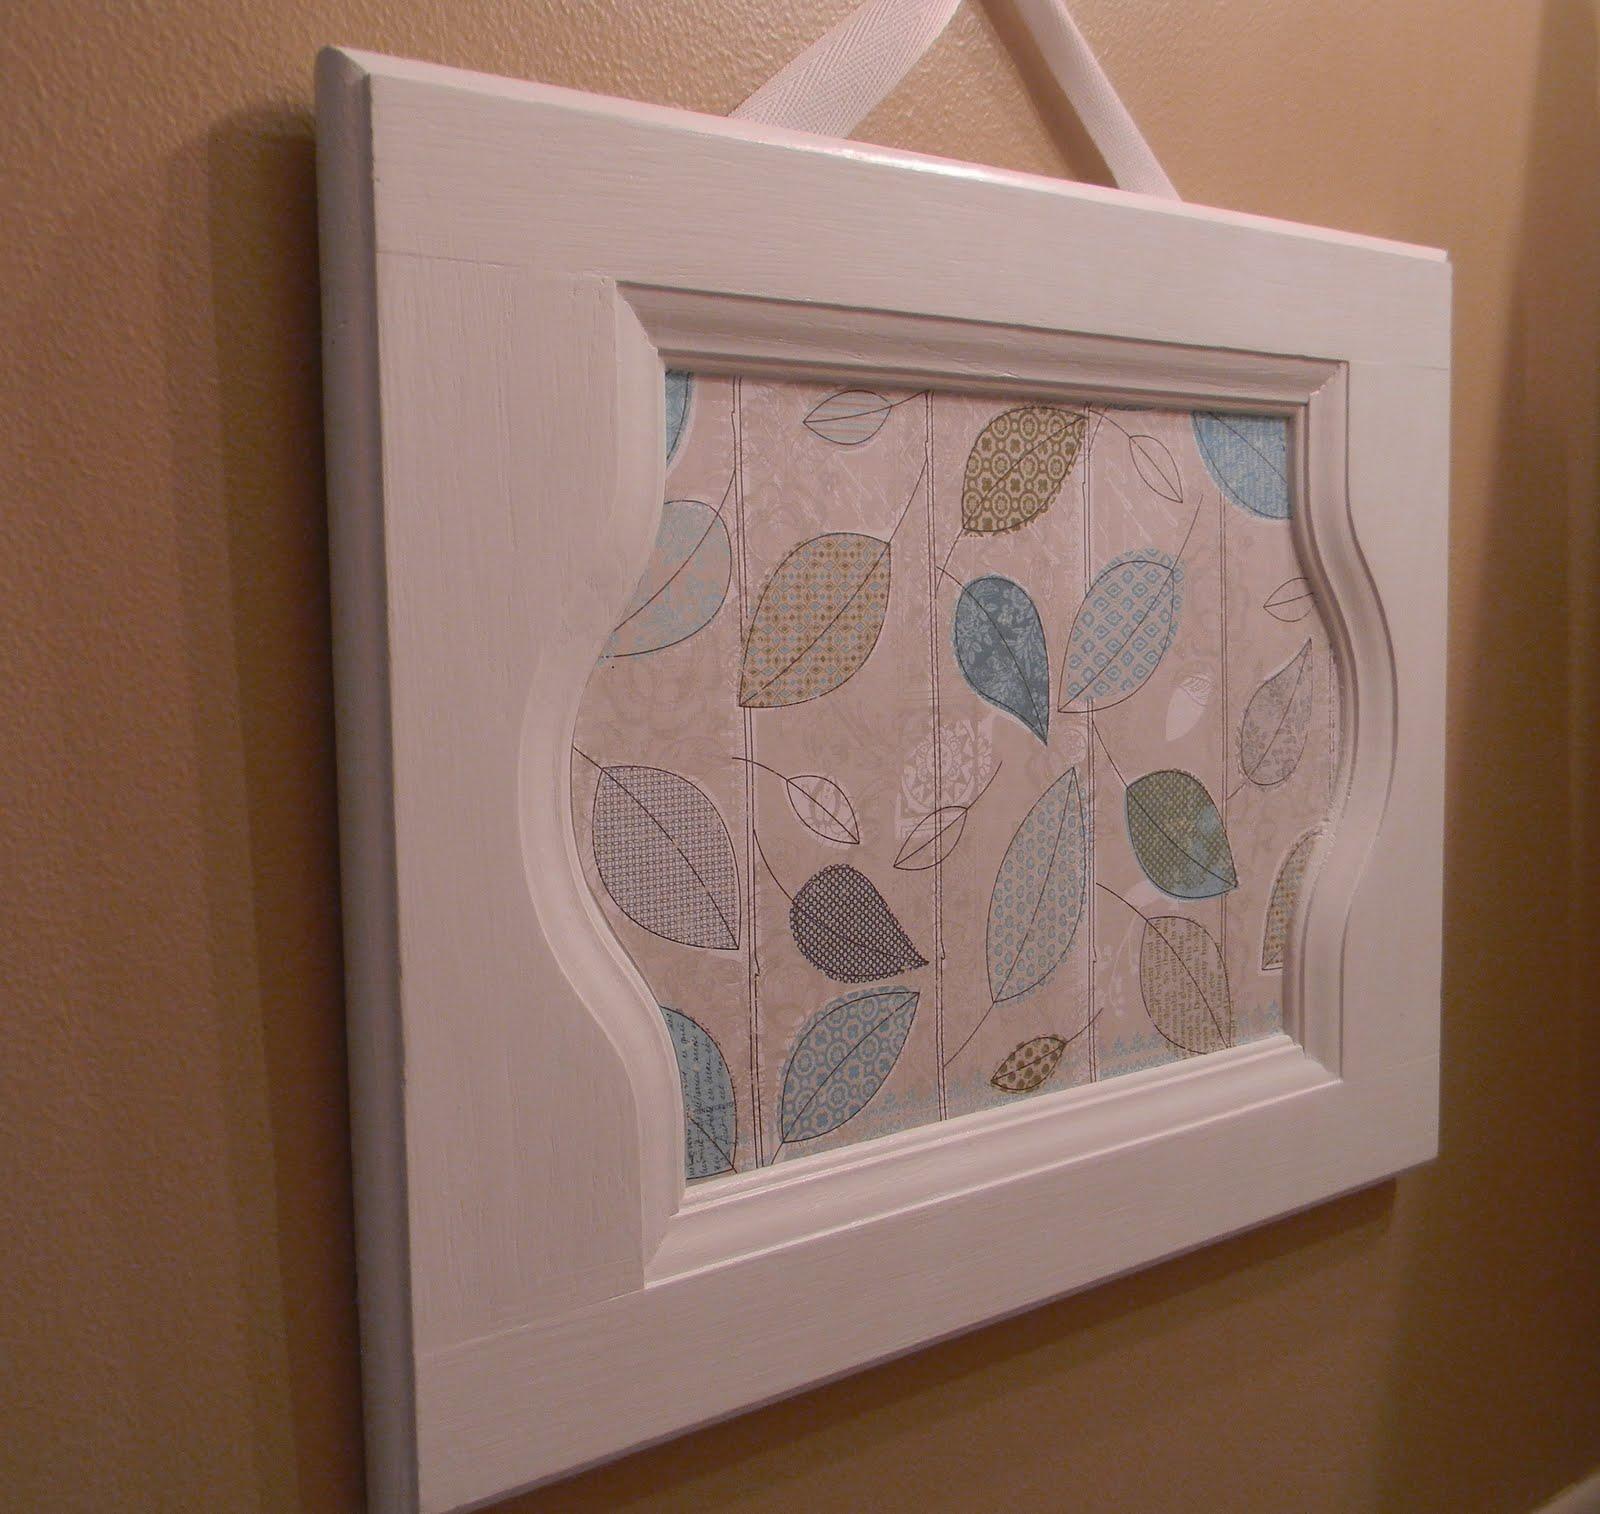 Homemade Wall Art homemade bathroom wall art ideas. diy canvas art for your bathroom